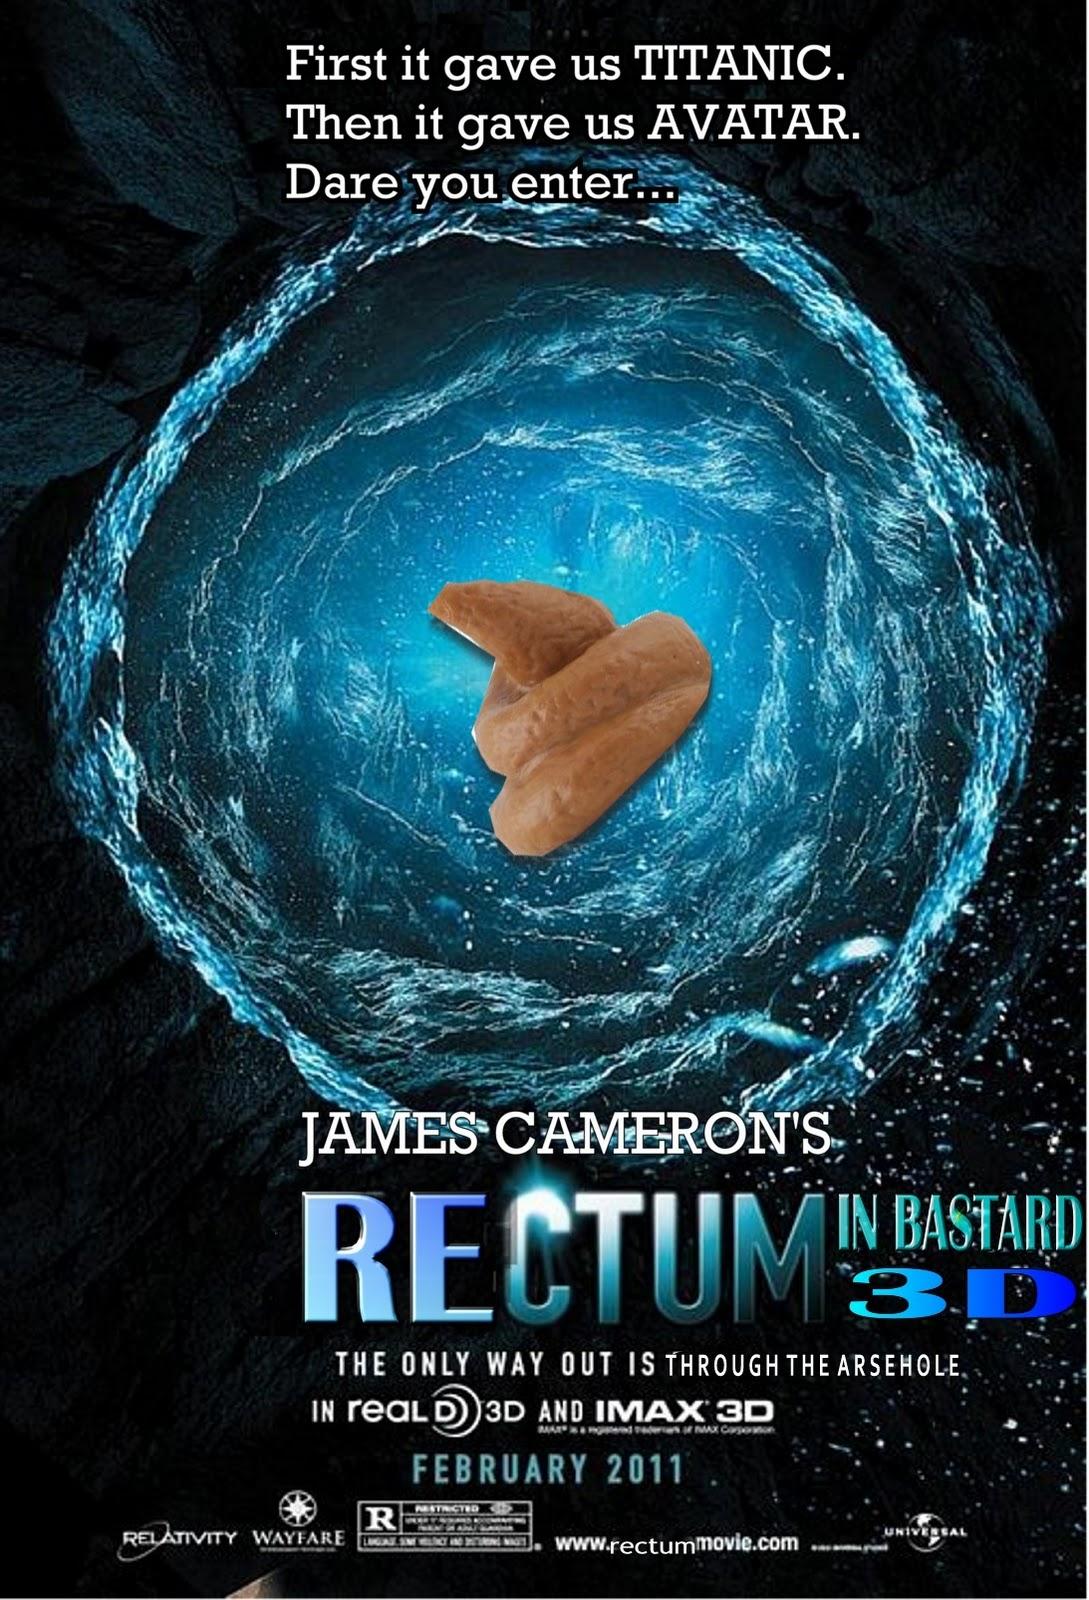 http://3.bp.blogspot.com/_Y6XTFMm_WZ0/TUwlBDn9LmI/AAAAAAAAARA/BXaPWMV1fjk/s1600/rectum.jpg